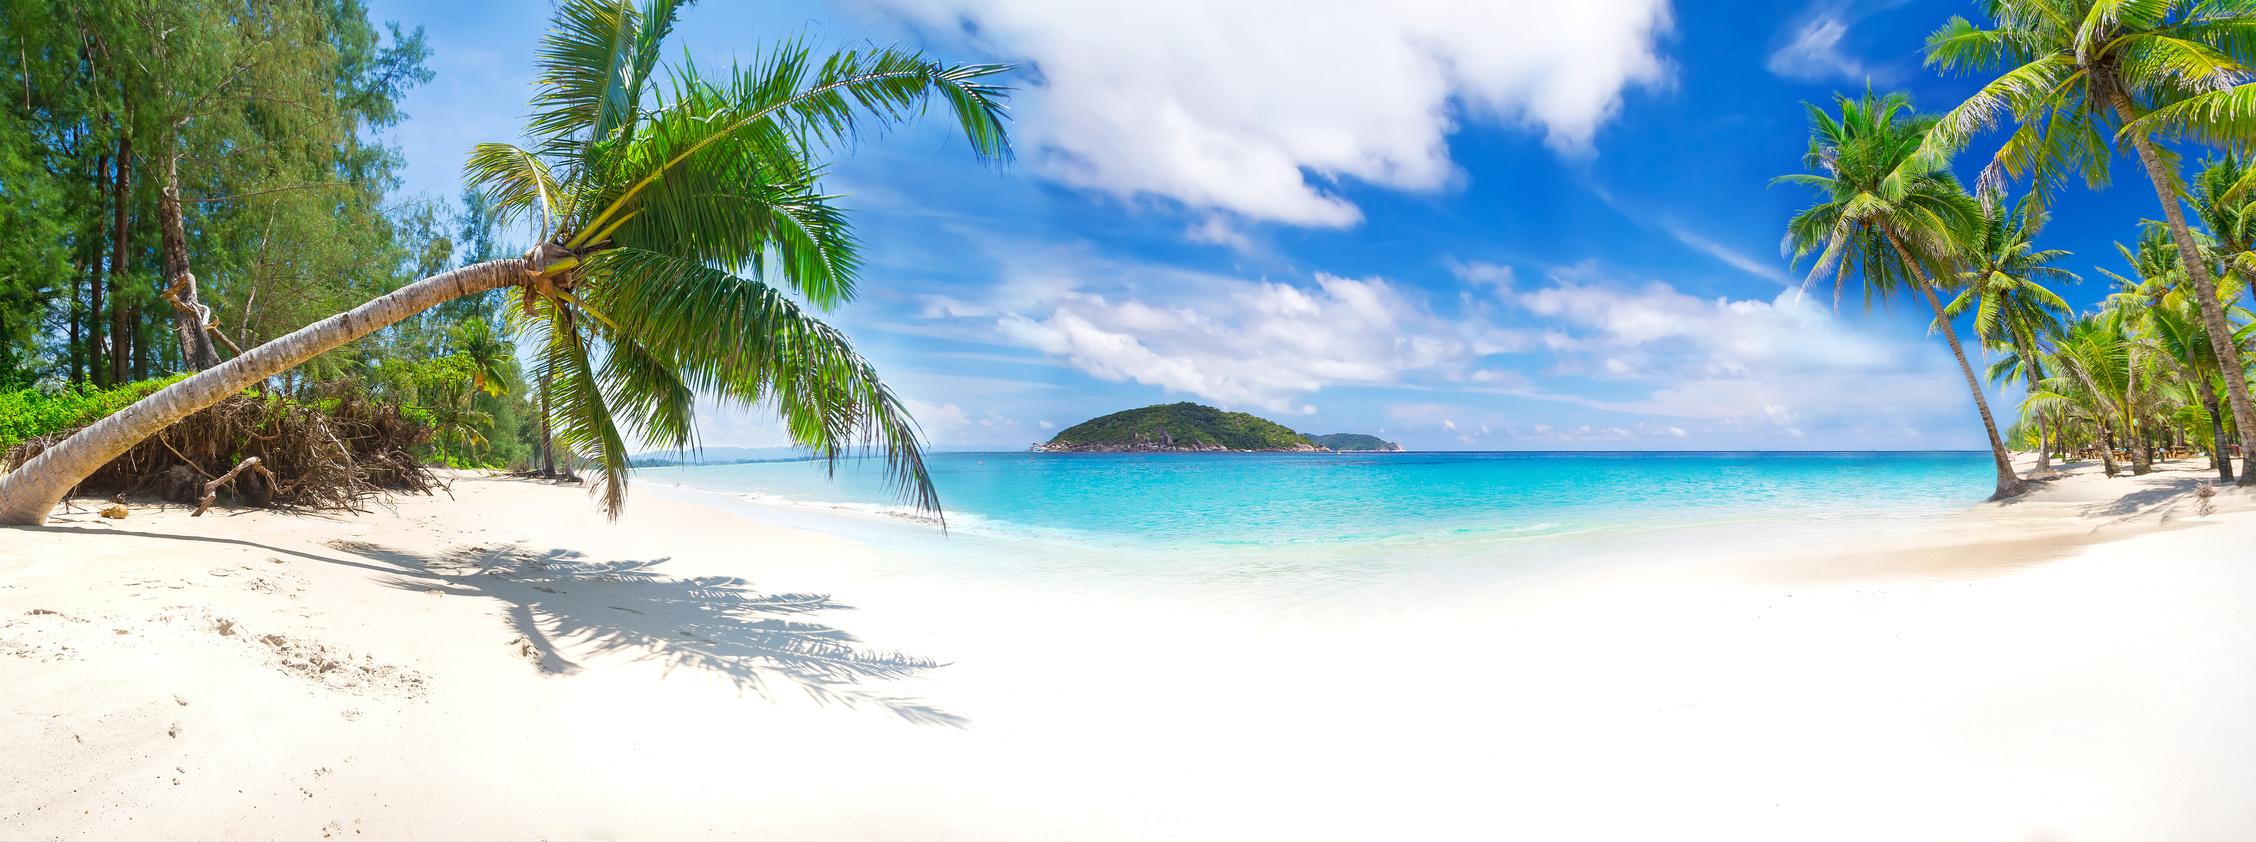 islas paradisiacas, Phuket, Thailandia